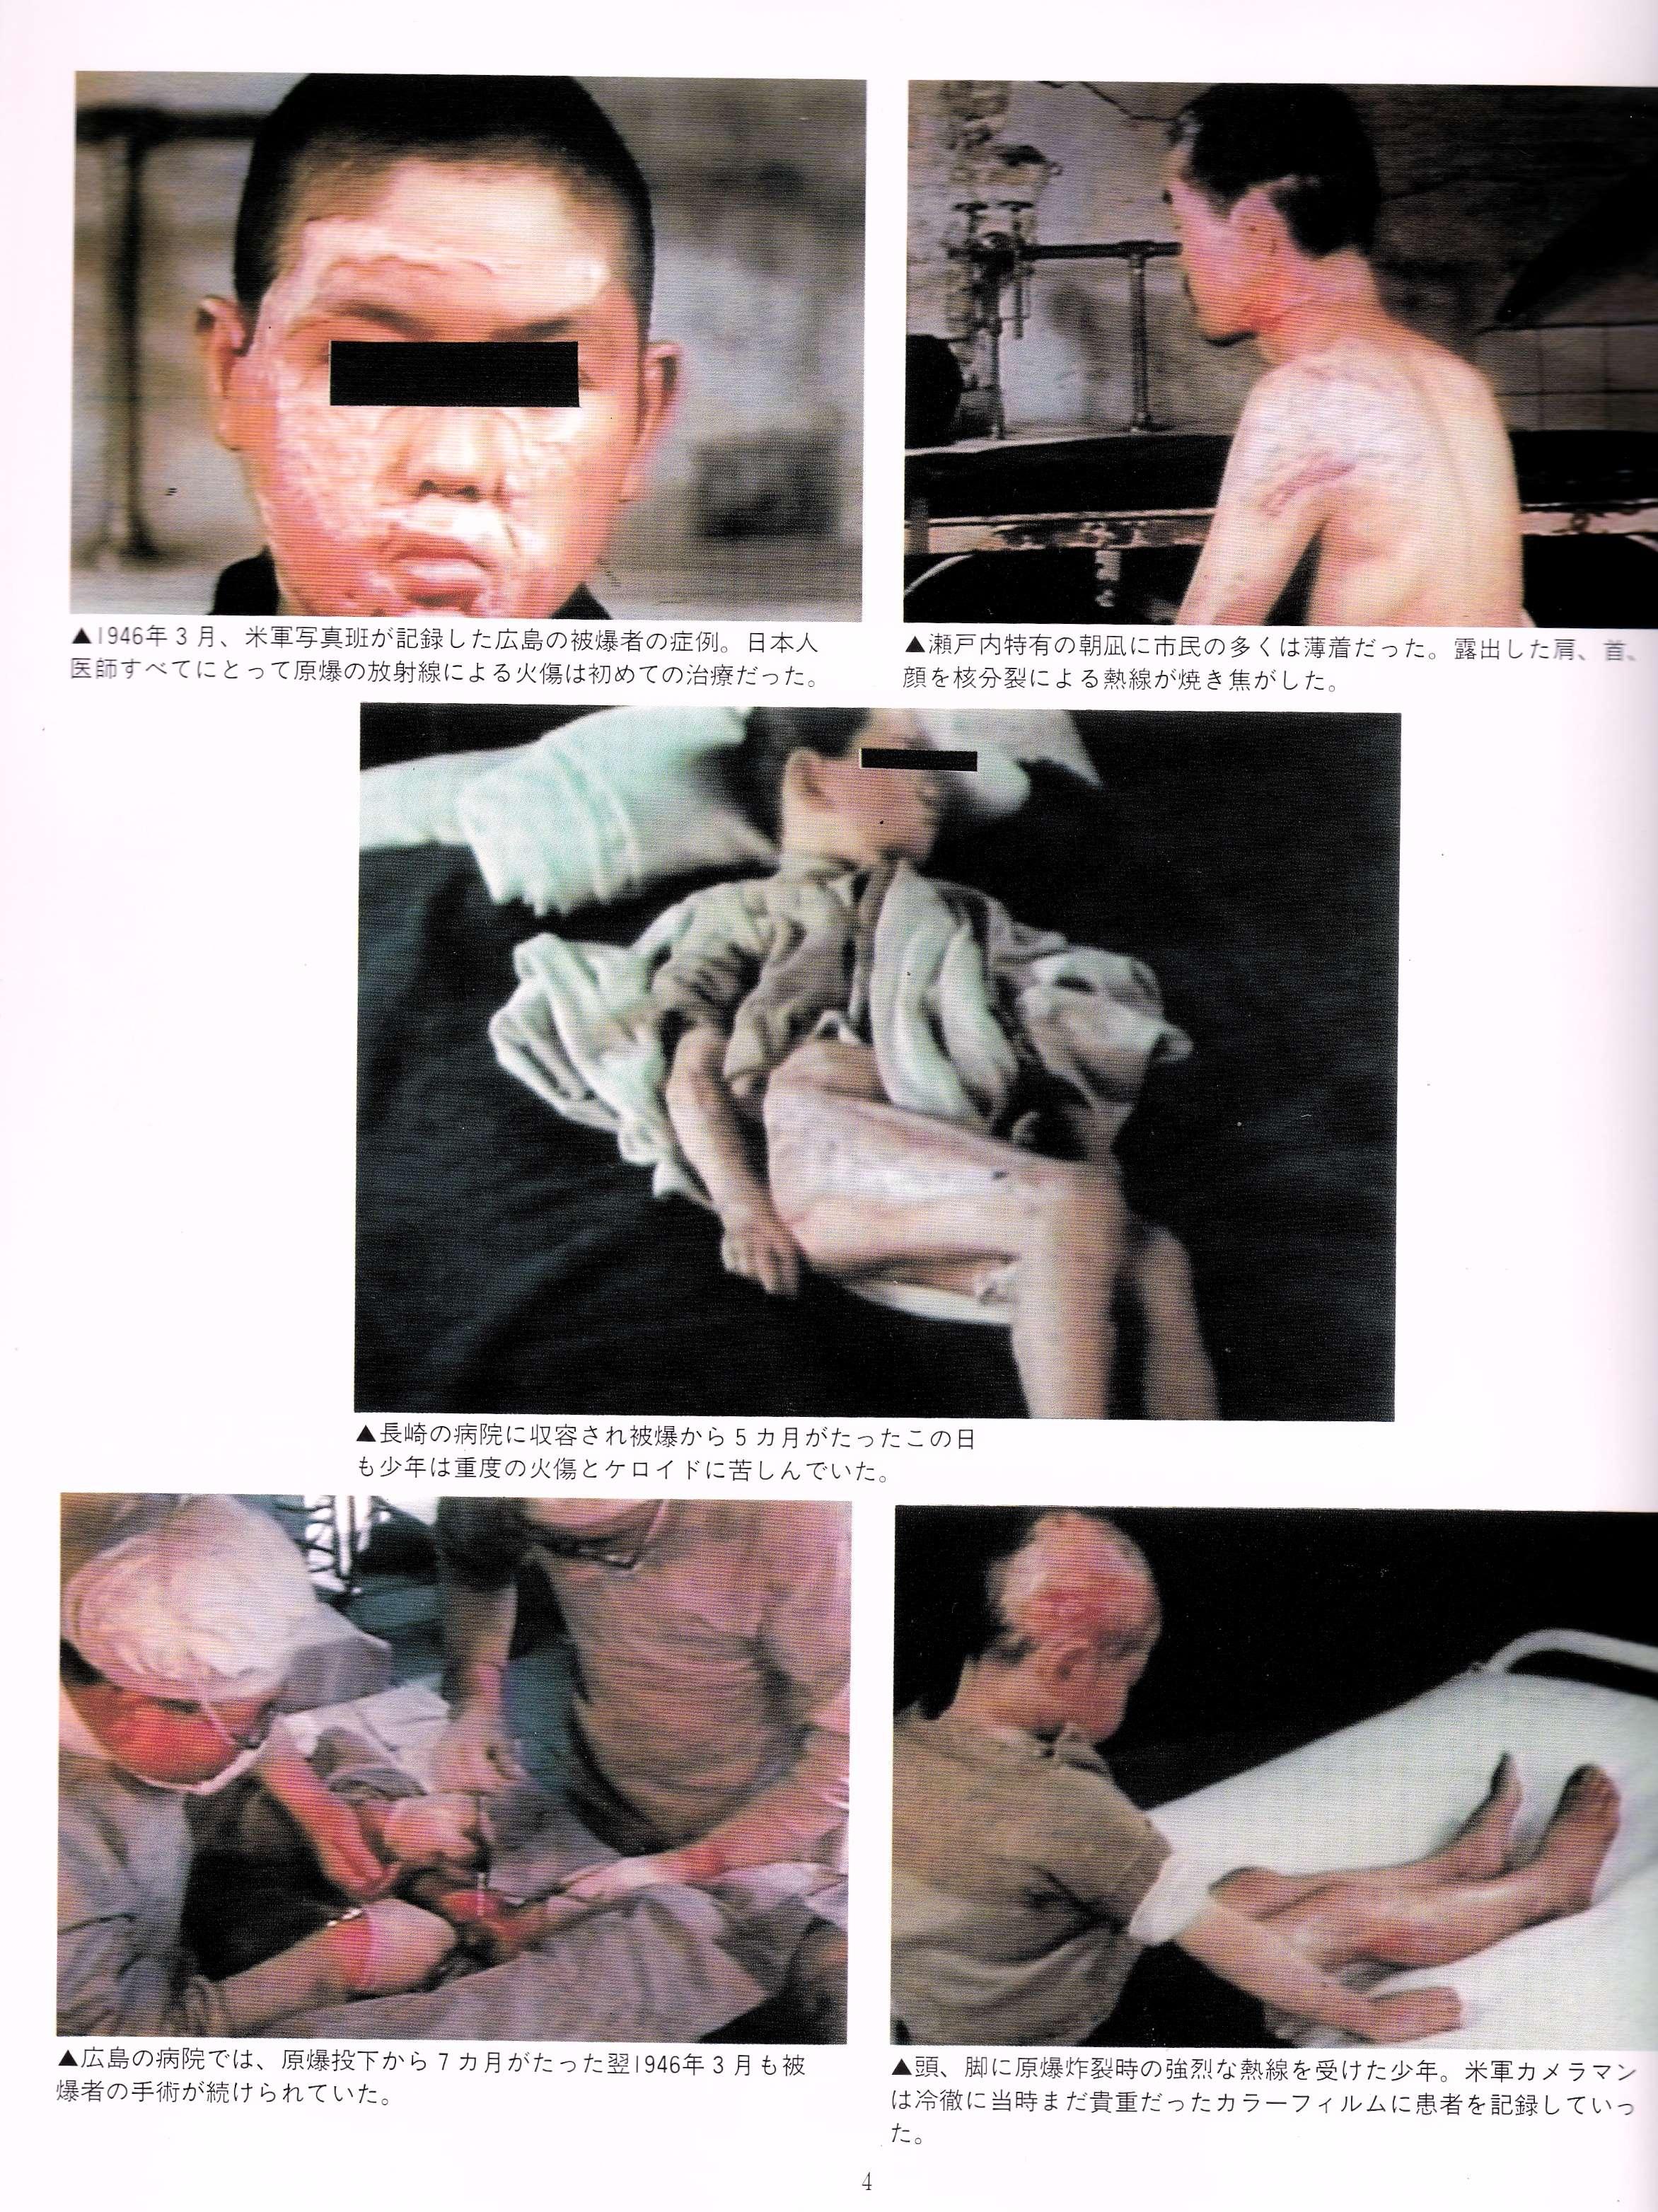 原爆の被害者 (2)_InPixio